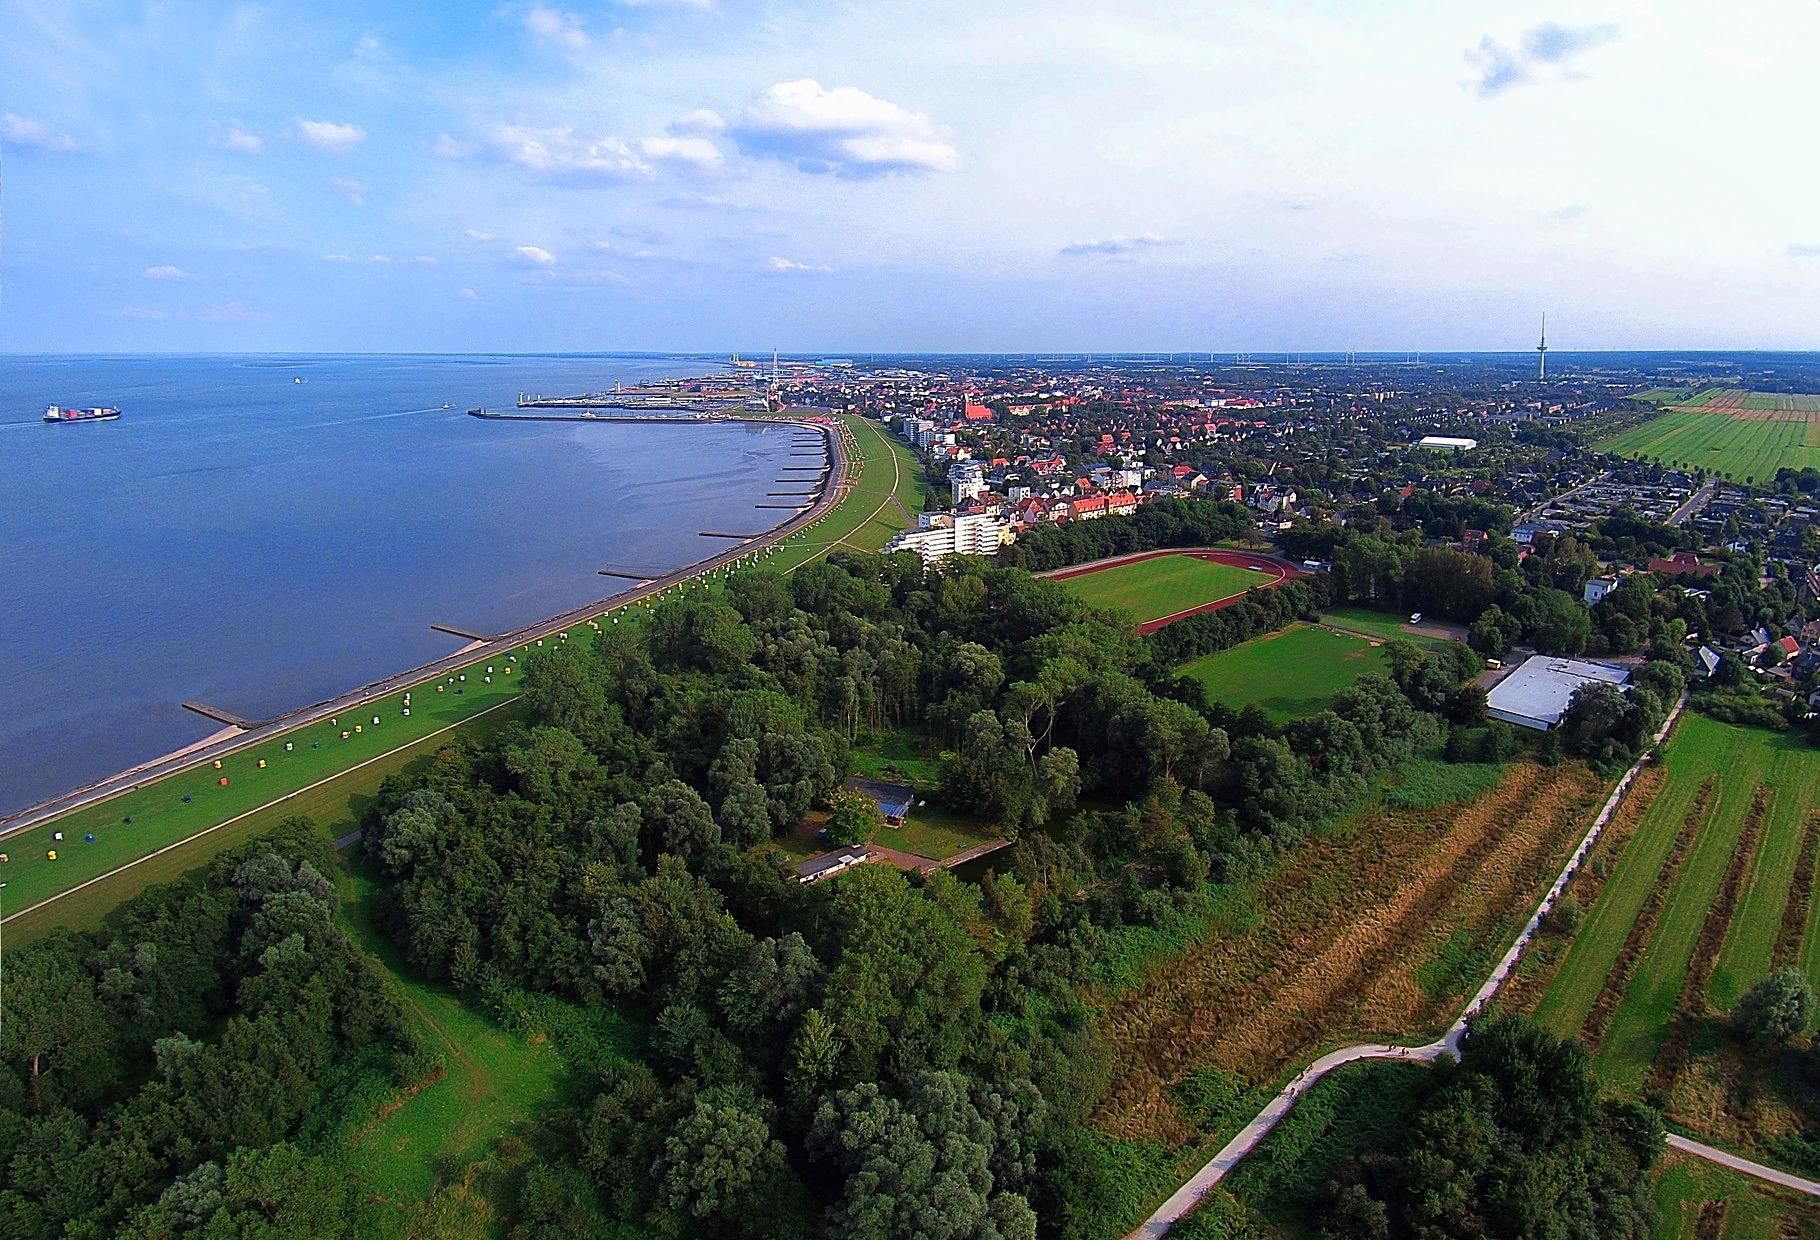 Luftbild von der Bucht im Kurteil Grimmershörn. Die Luftaufnahme zeigt die Grimmershörnbucht und verläuft von dem Fährhafen Cuxhaven bis zu der Kugelbake